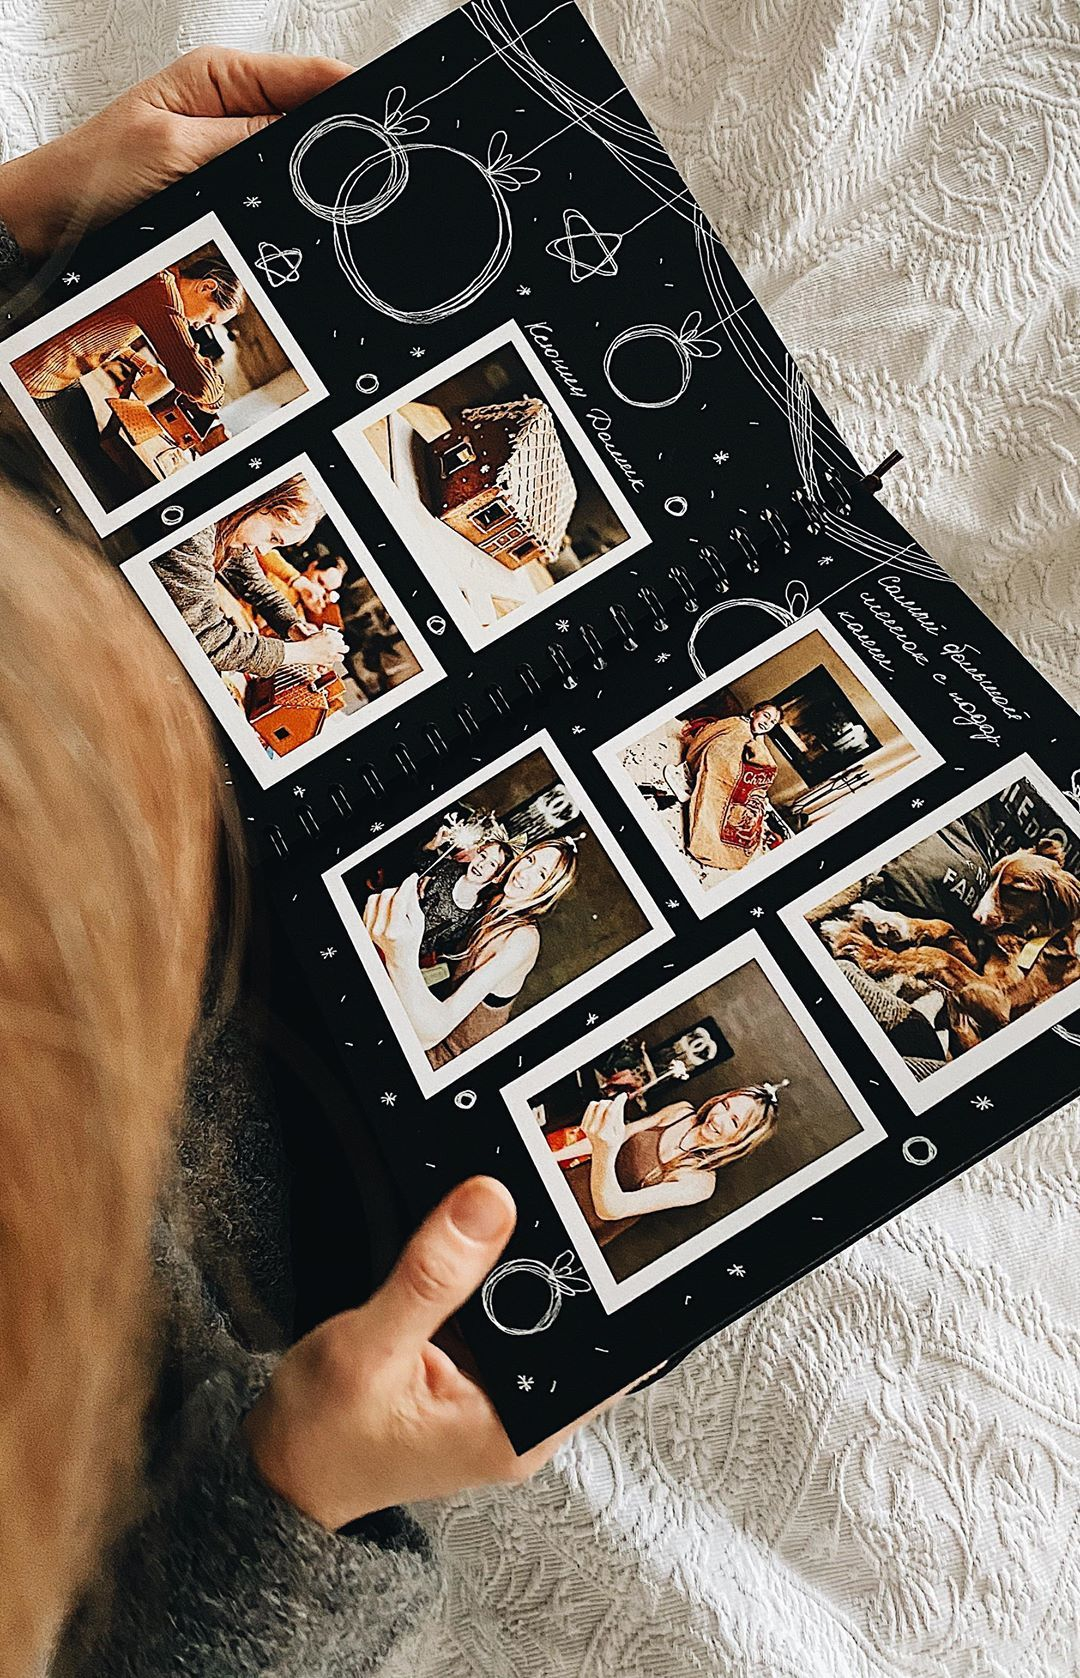 Альбом парней фото электрозаводская 21 фотостудия